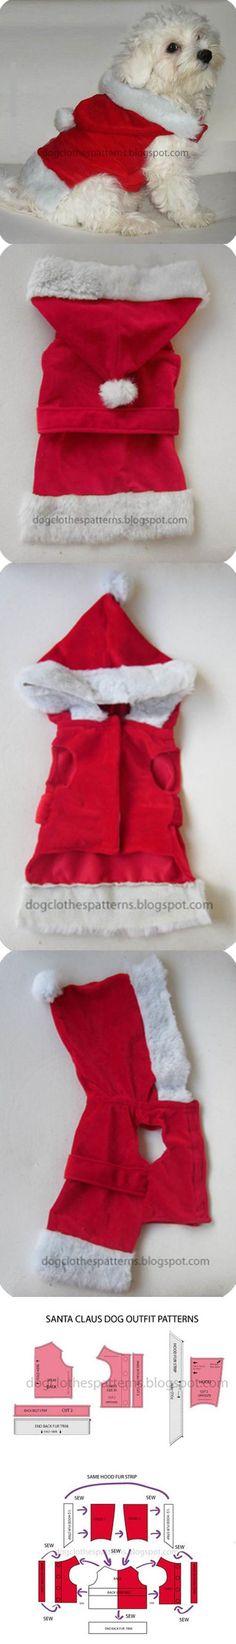 DIY Santa Claus Dog Outfit